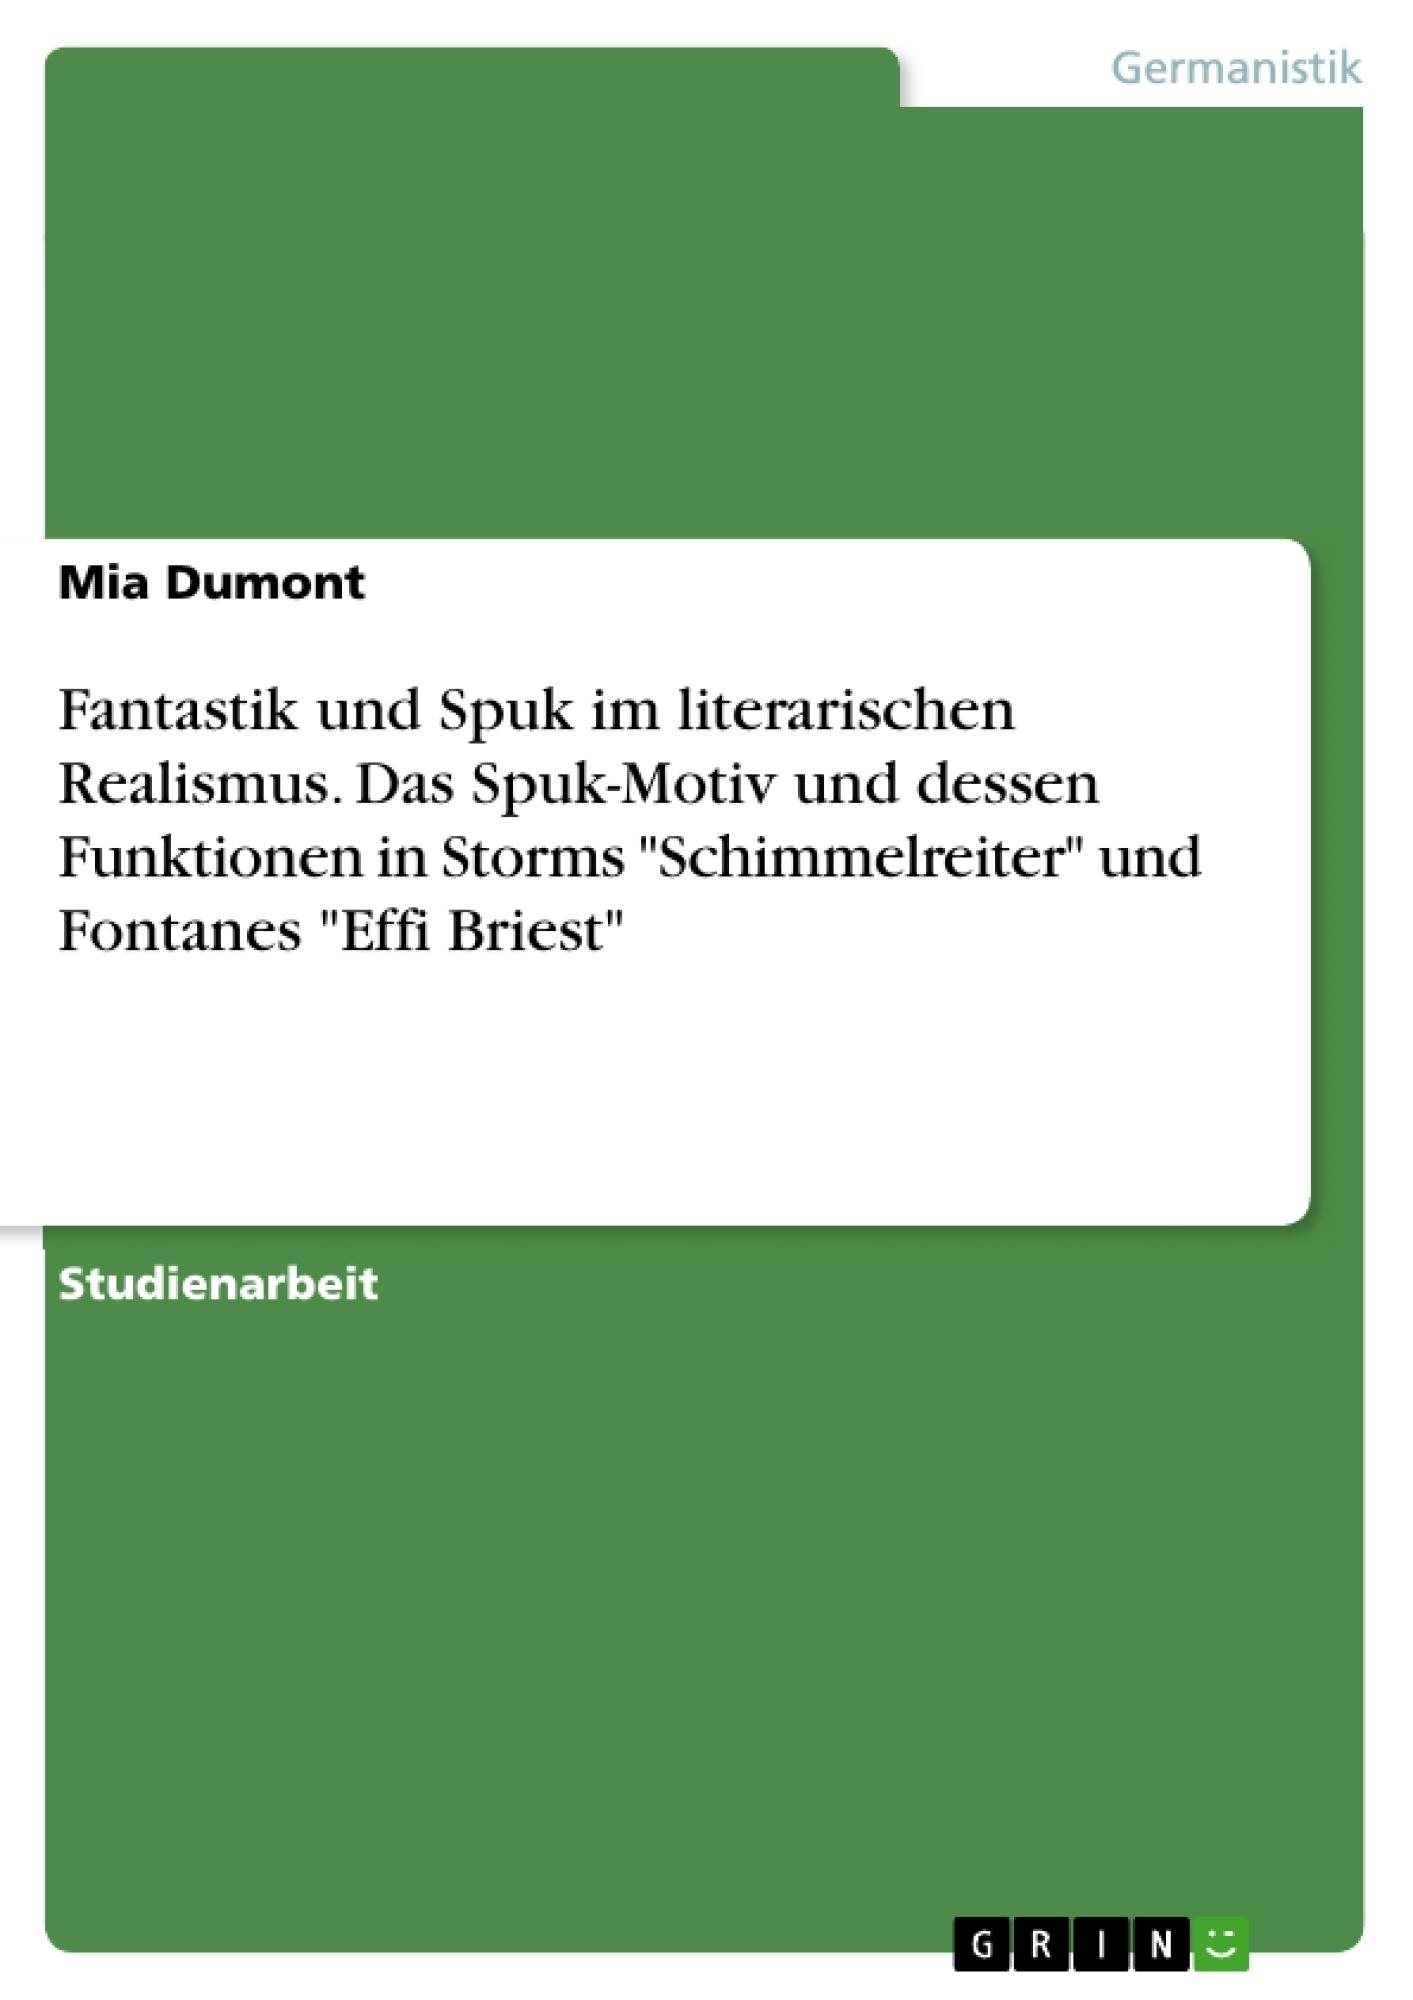 """Titel: Fantastik und Spuk im literarischen Realismus. Das Spuk-Motiv und dessen Funktionen in Storms """"Schimmelreiter"""" und Fontanes """"Effi Briest"""""""